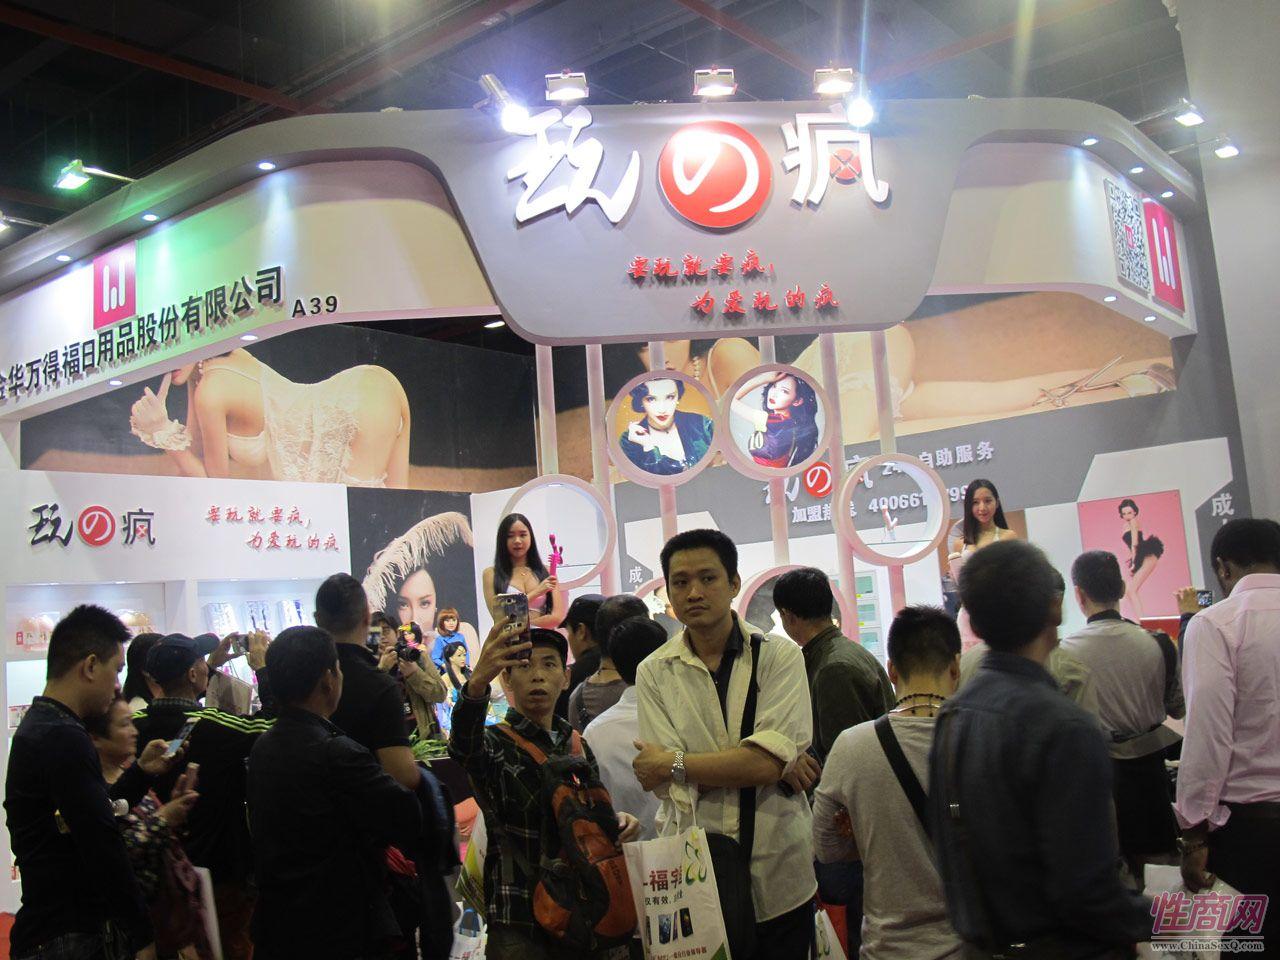 2016第十八届广州性文化节――精彩集锦图片19